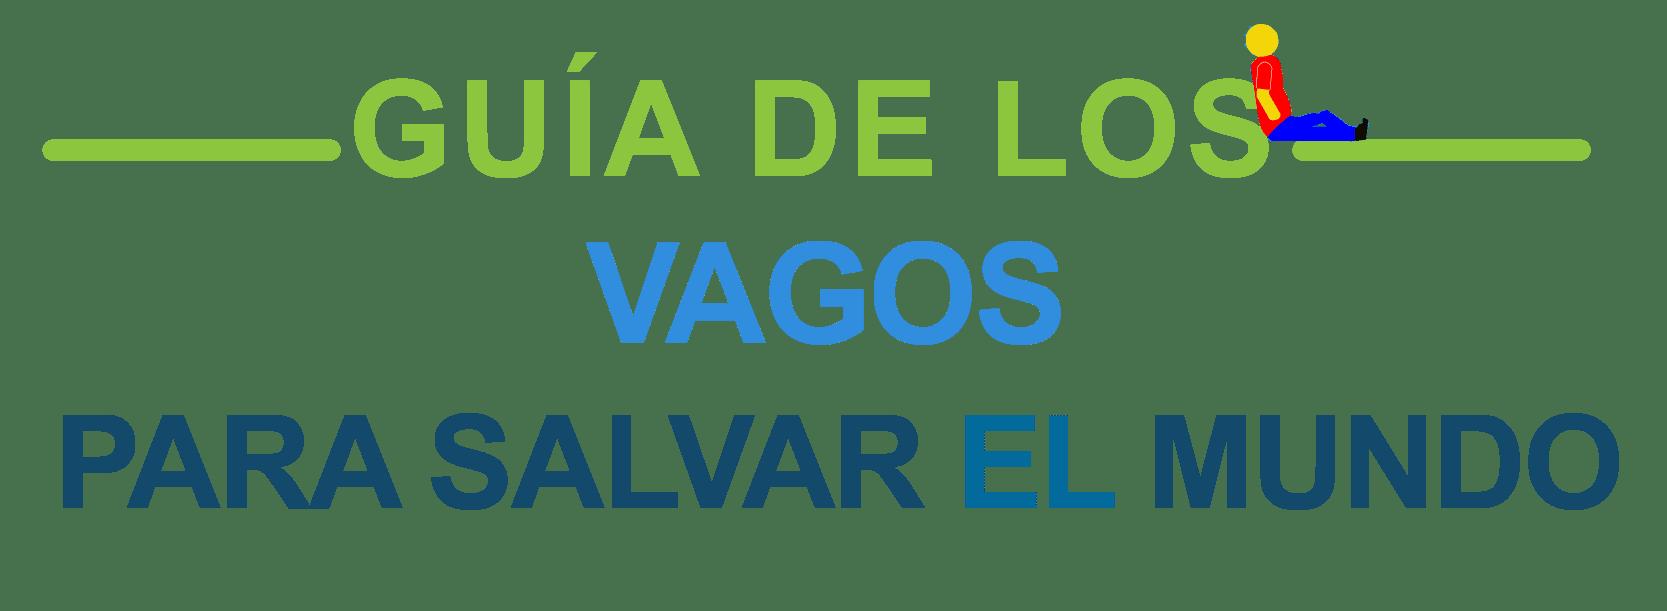 http://www.un.org/sustainabledevelopment/es/takeaction/